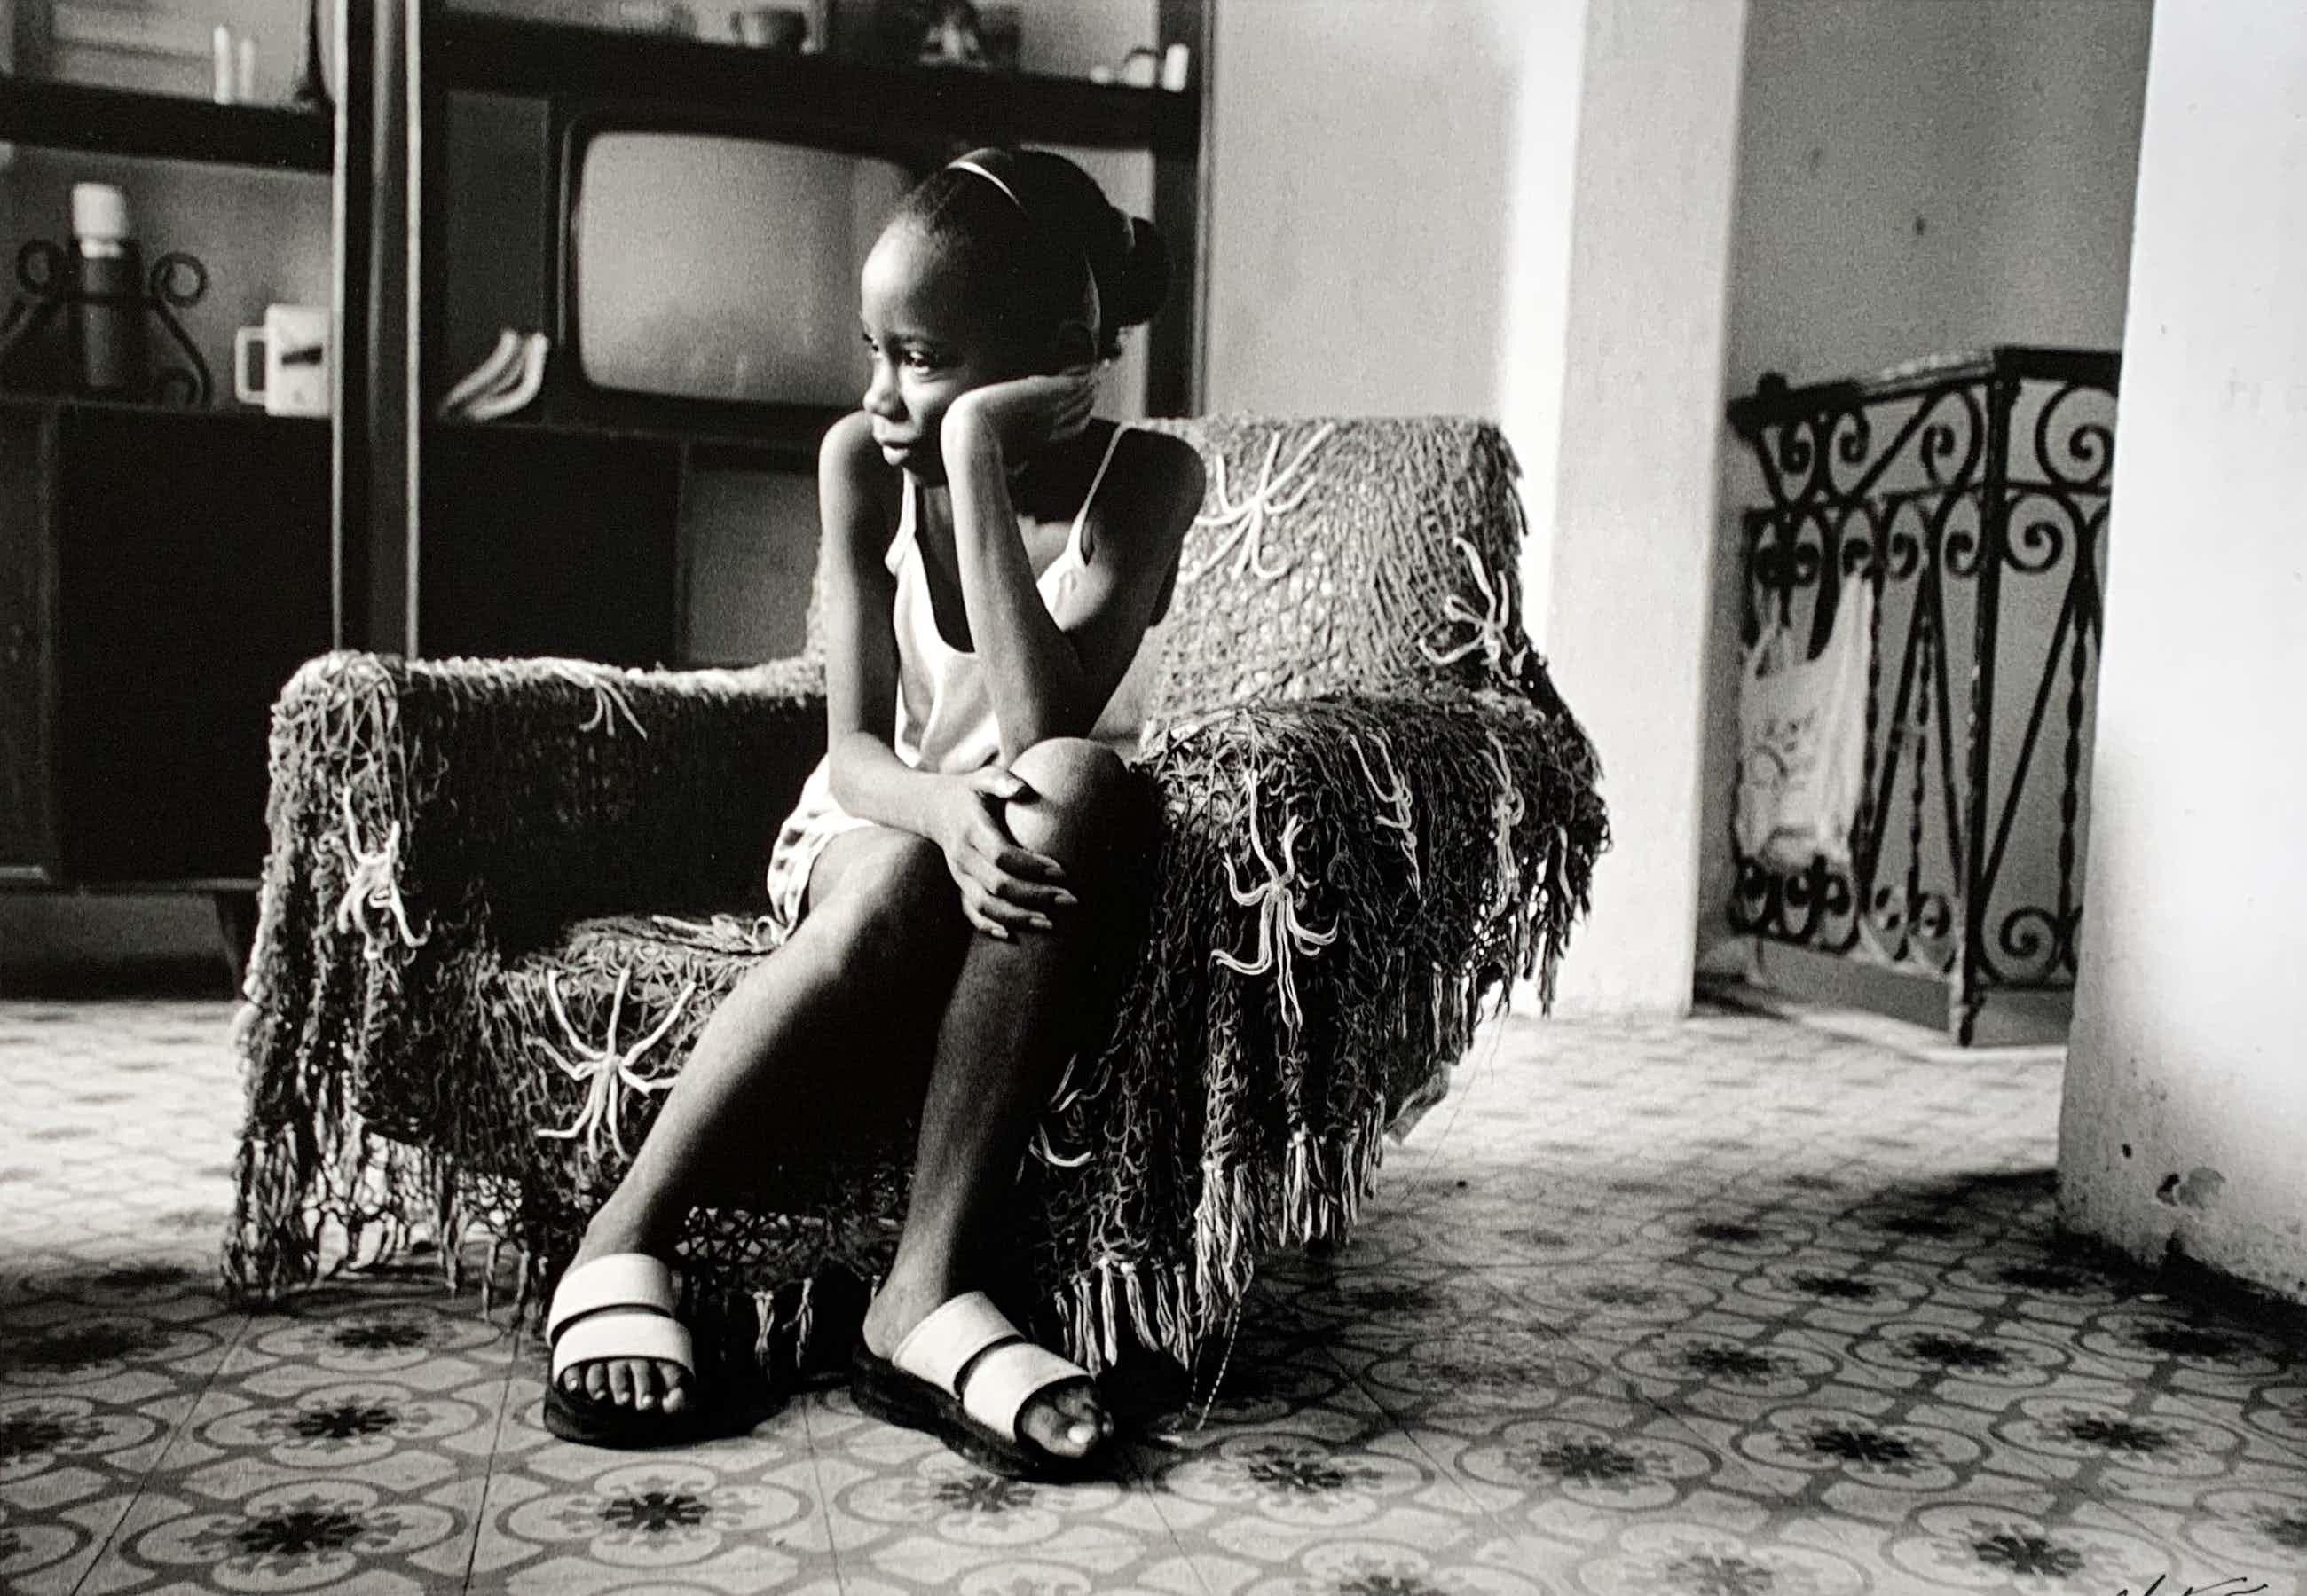 Nico Koster - handgesigneerde foto | 'Cubaanse meisje' | 1999 kopen? Bied vanaf 75!